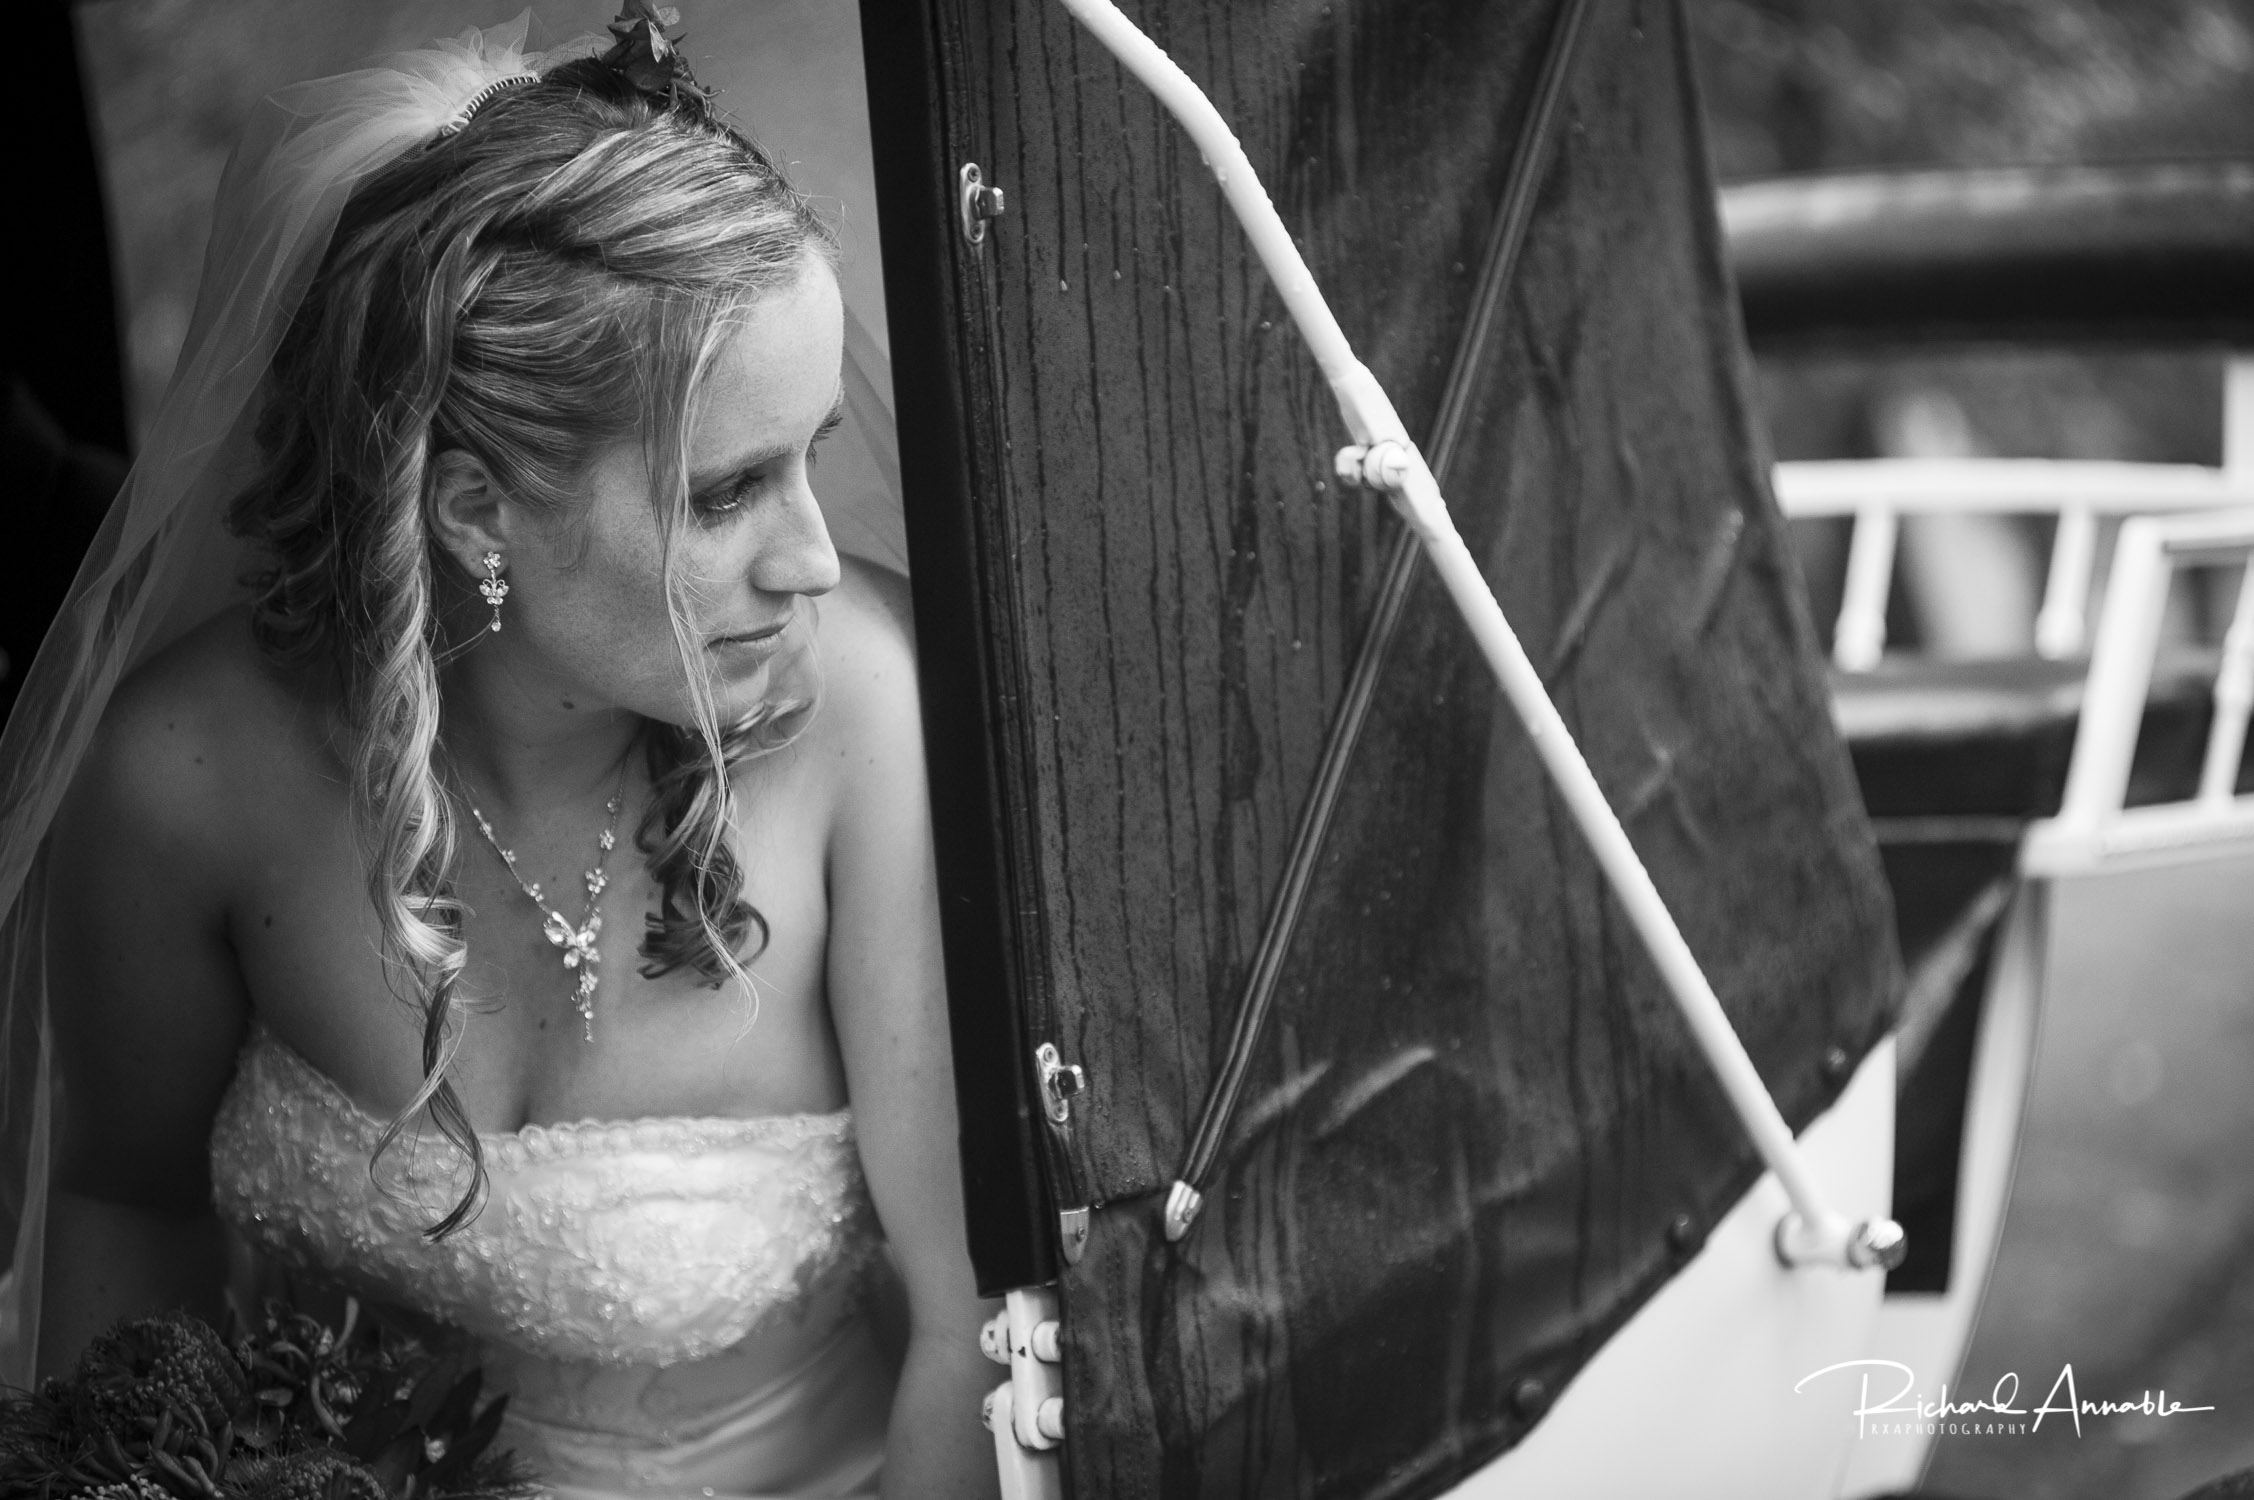 Julie arrives at her wedding